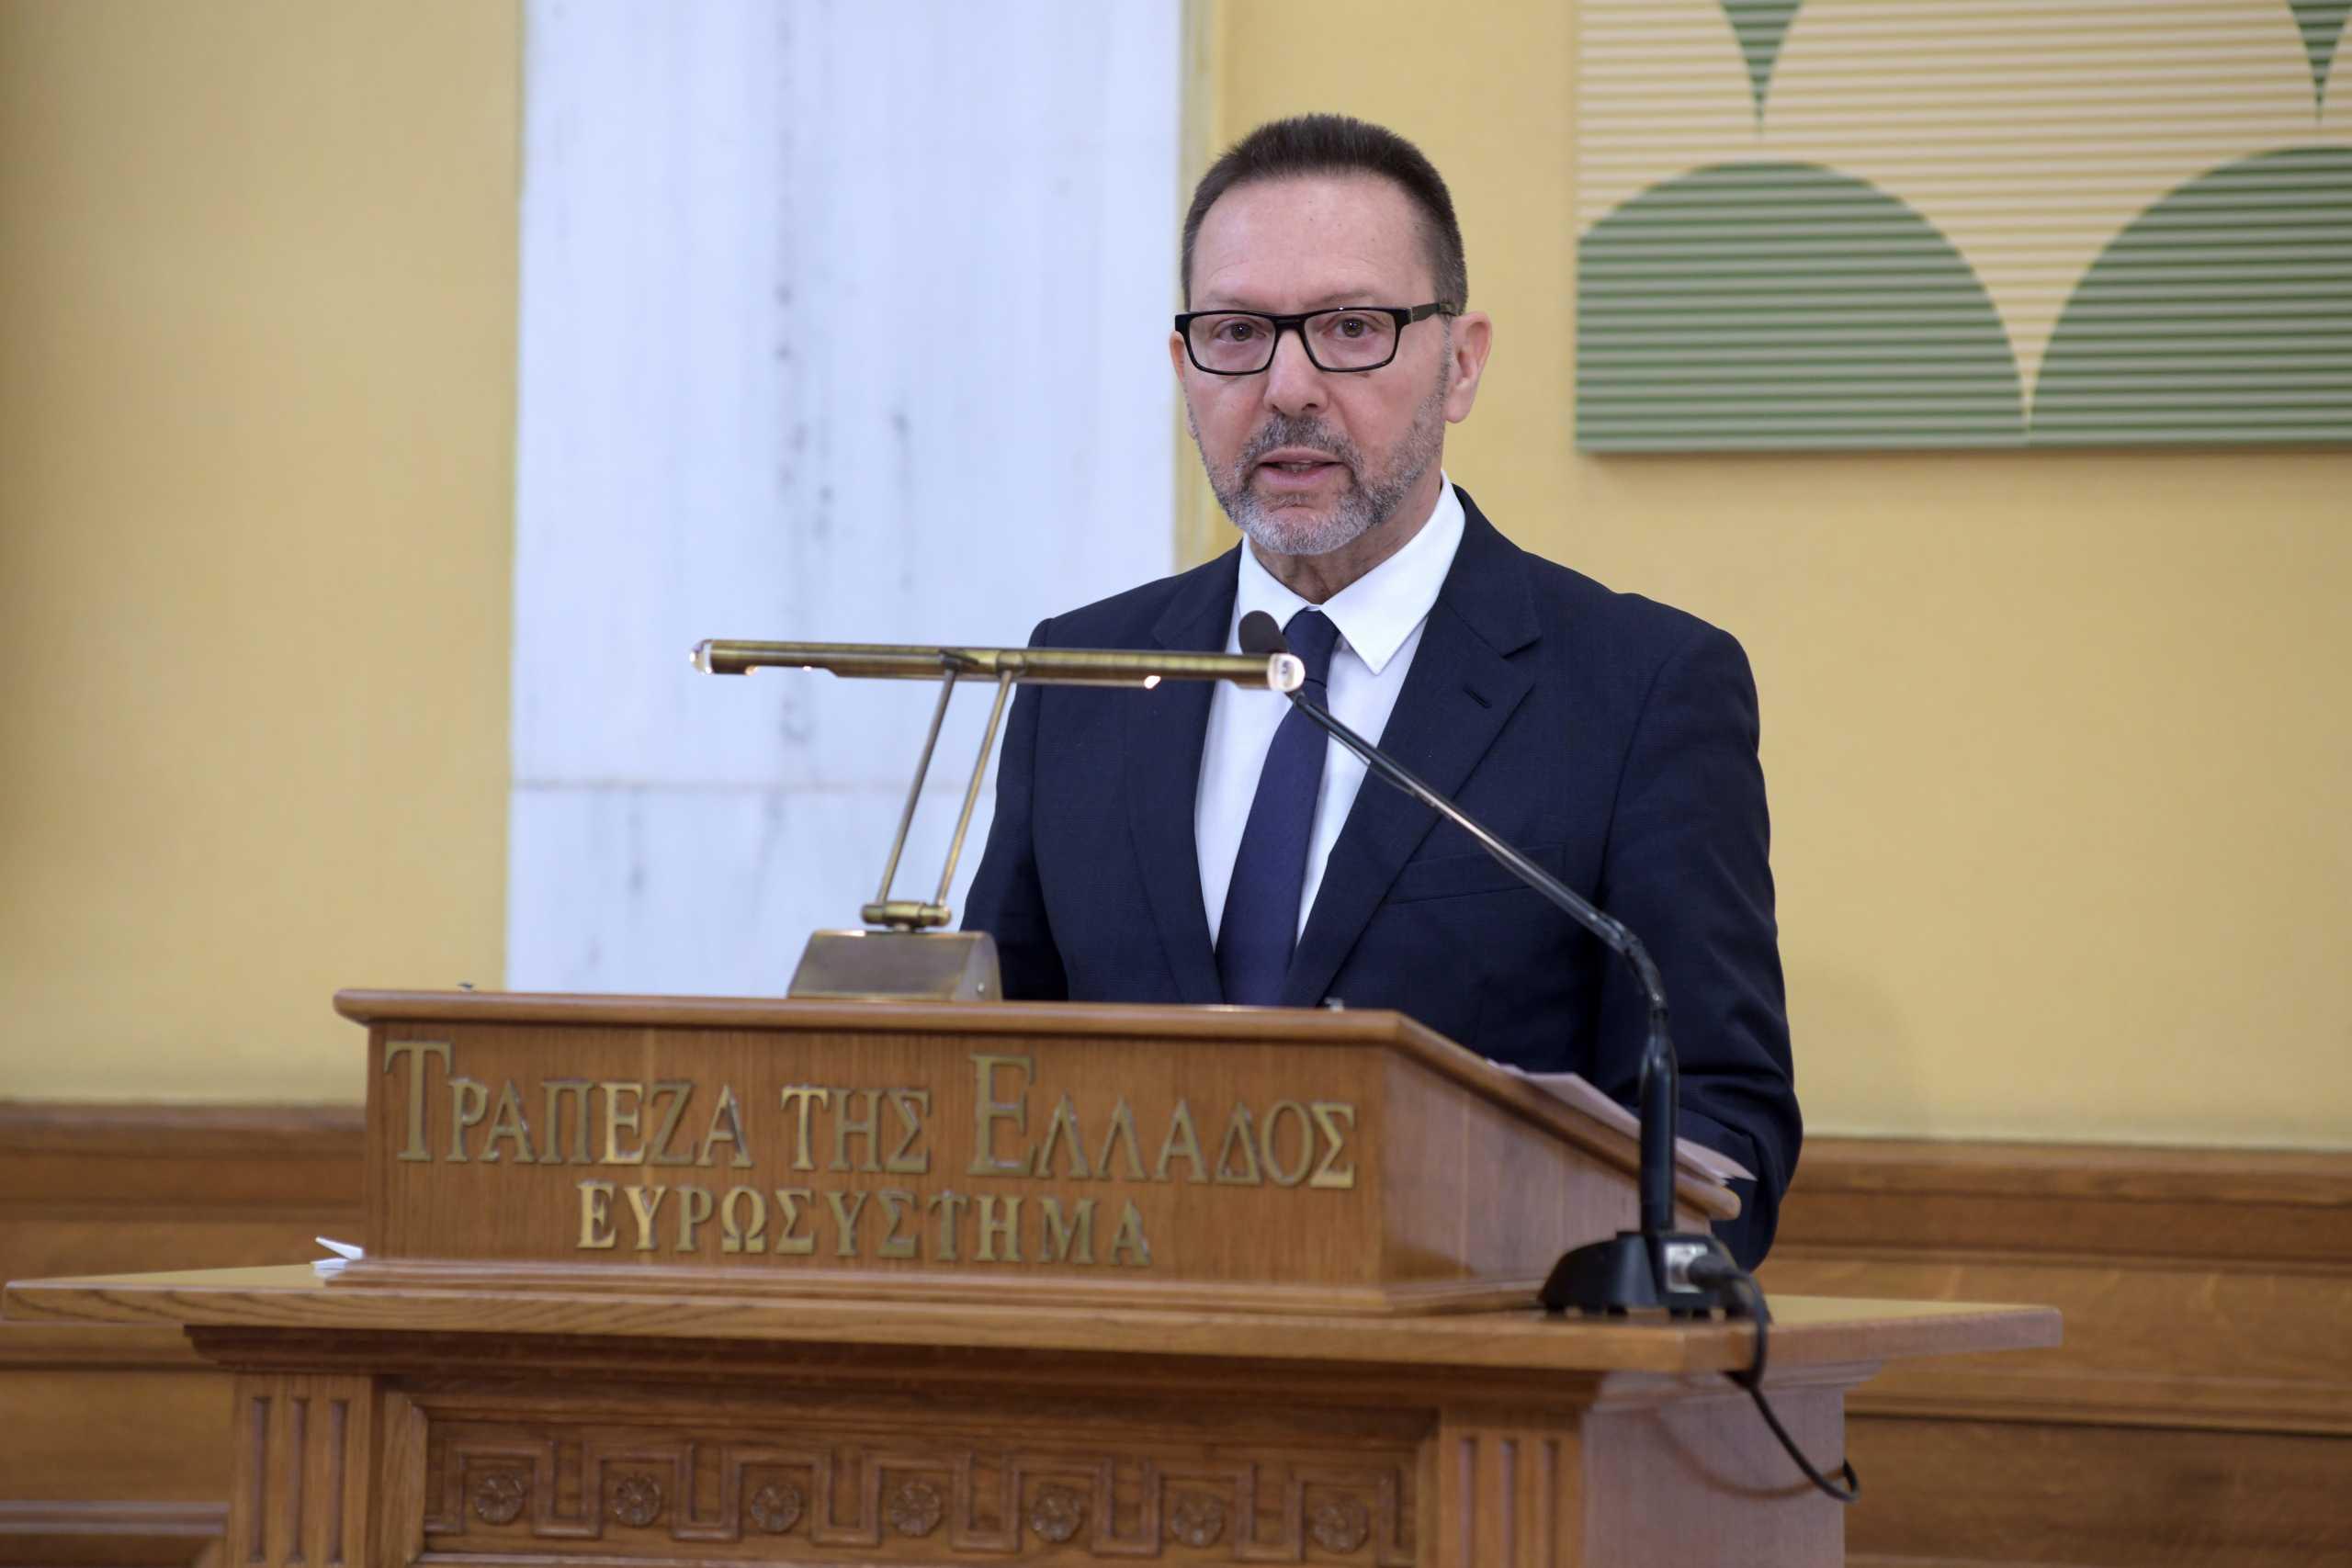 Γιάννης Στουρνάρας: Περισσότερο αισιόδοξος για την πορεία της οικονομίας από τις αρχικές προβλέψεις